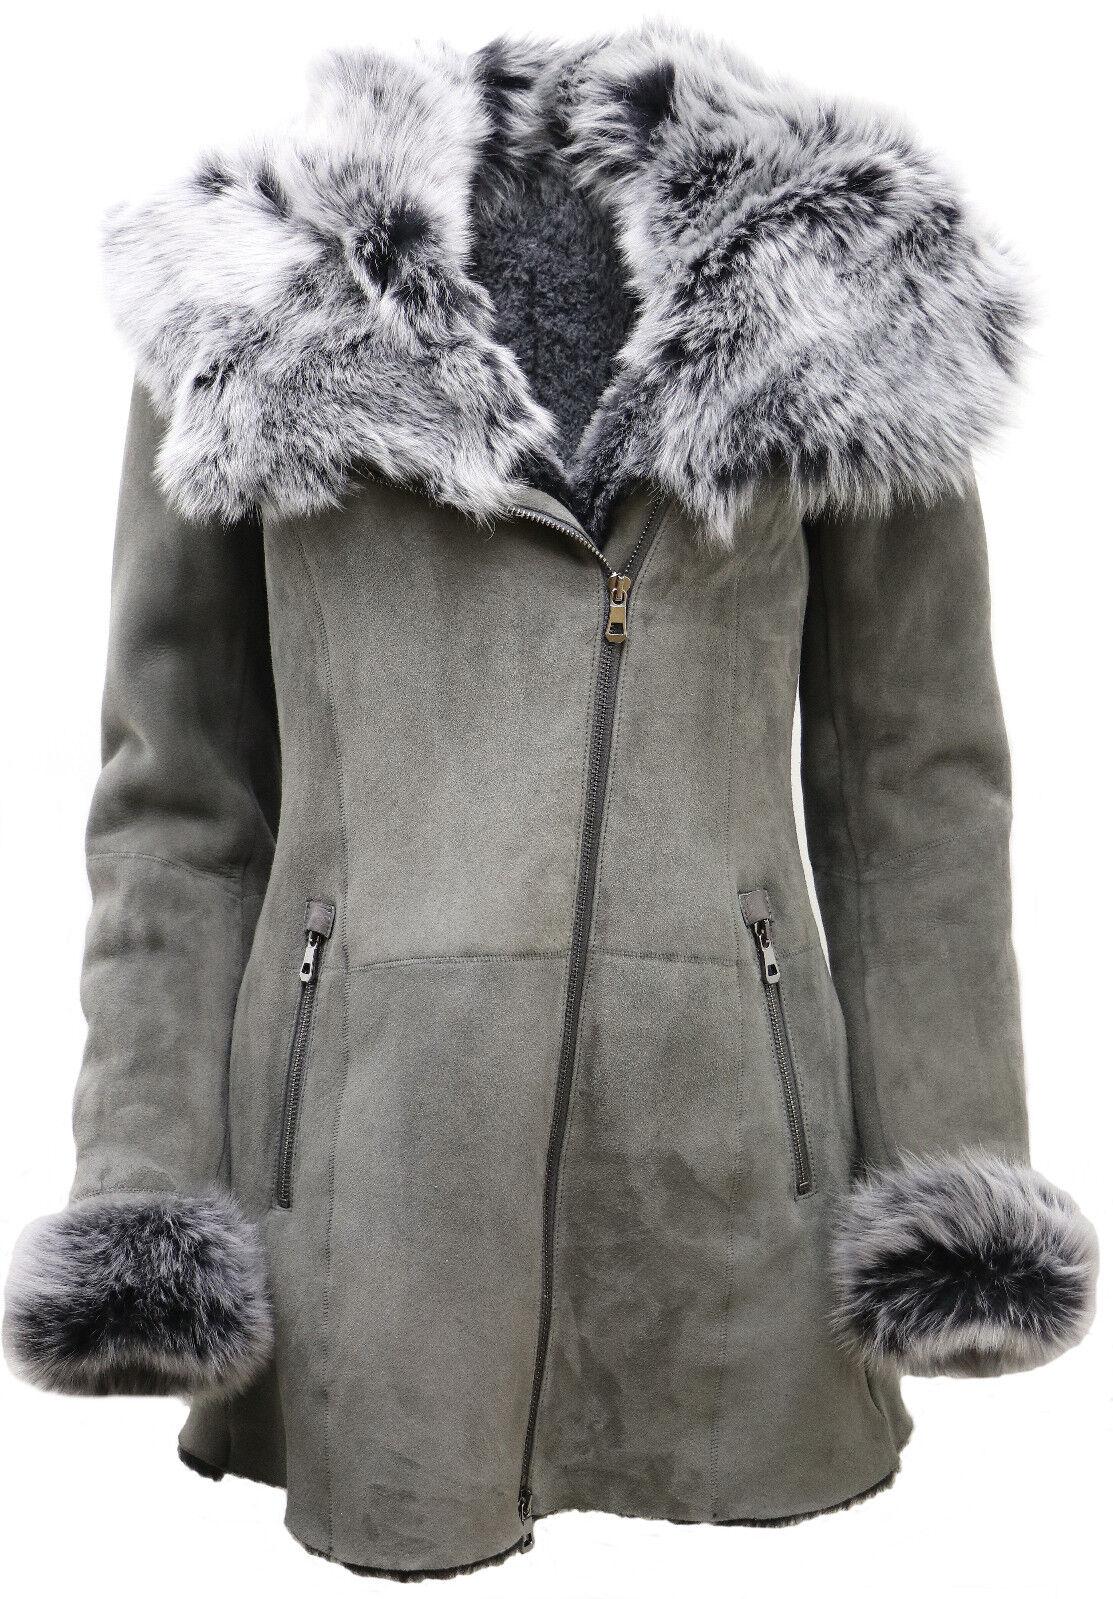 Mina damer Luxurious grå mocka Merino Sheepsky Coat med Toscana Collar